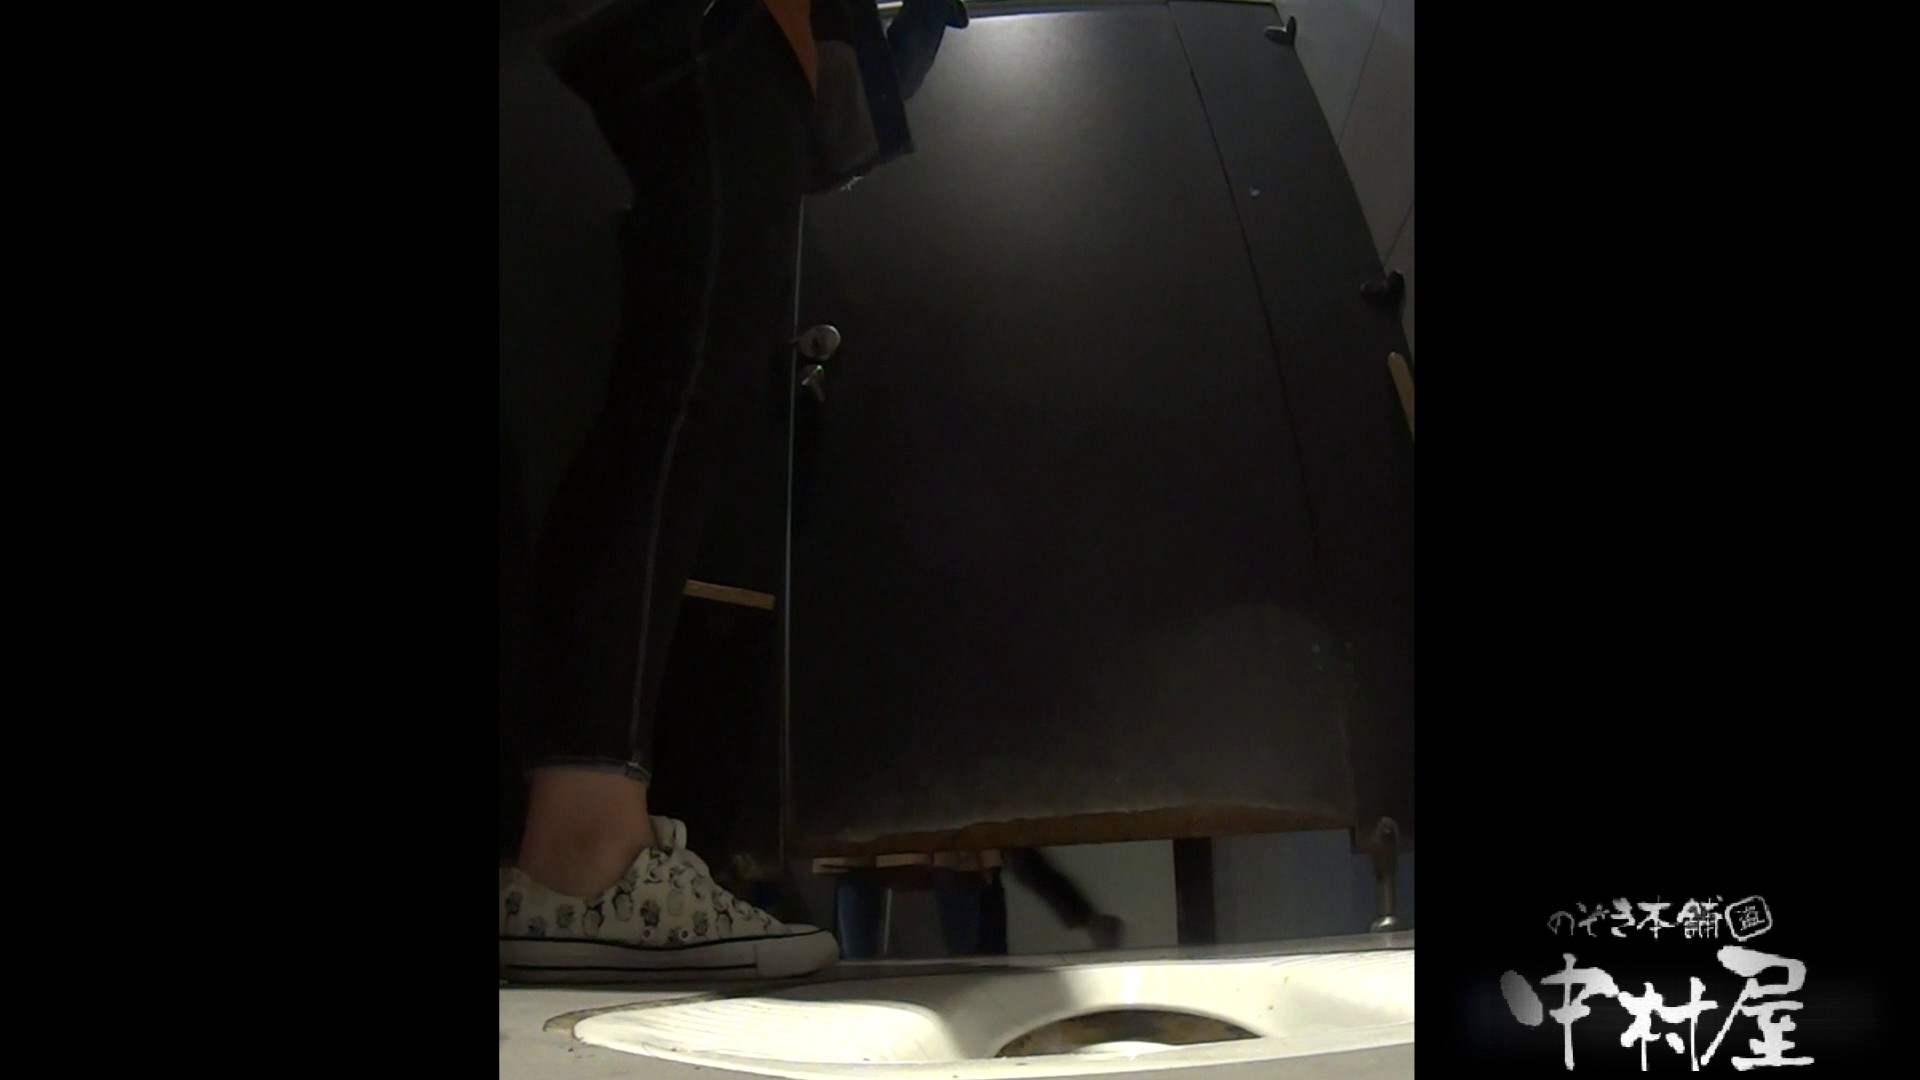 大学休憩時間の洗面所事情21 美女 ワレメ無修正動画無料 65連発 14